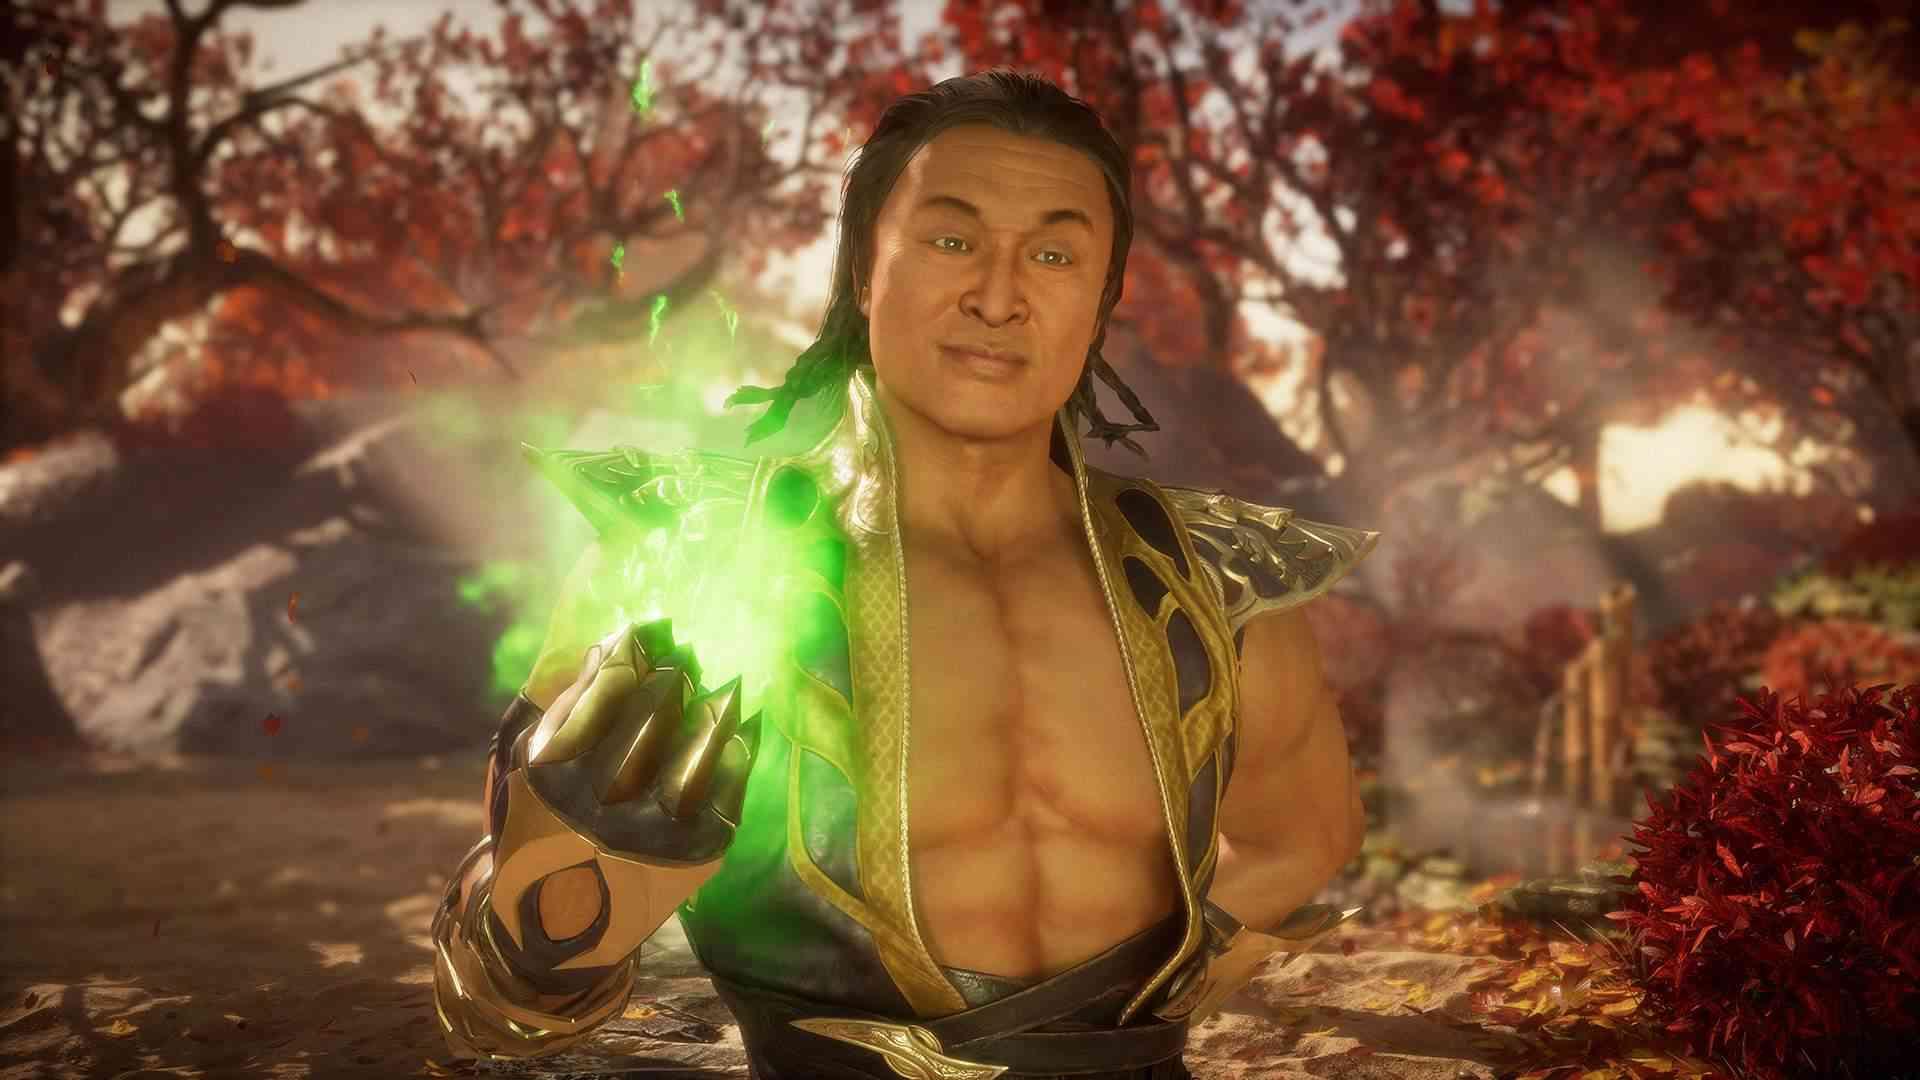 Captura de tela do jogo Mortal Kombat 11 mostrando o personagem Shang Tsung em um campo com árvores de folhas vermelhas